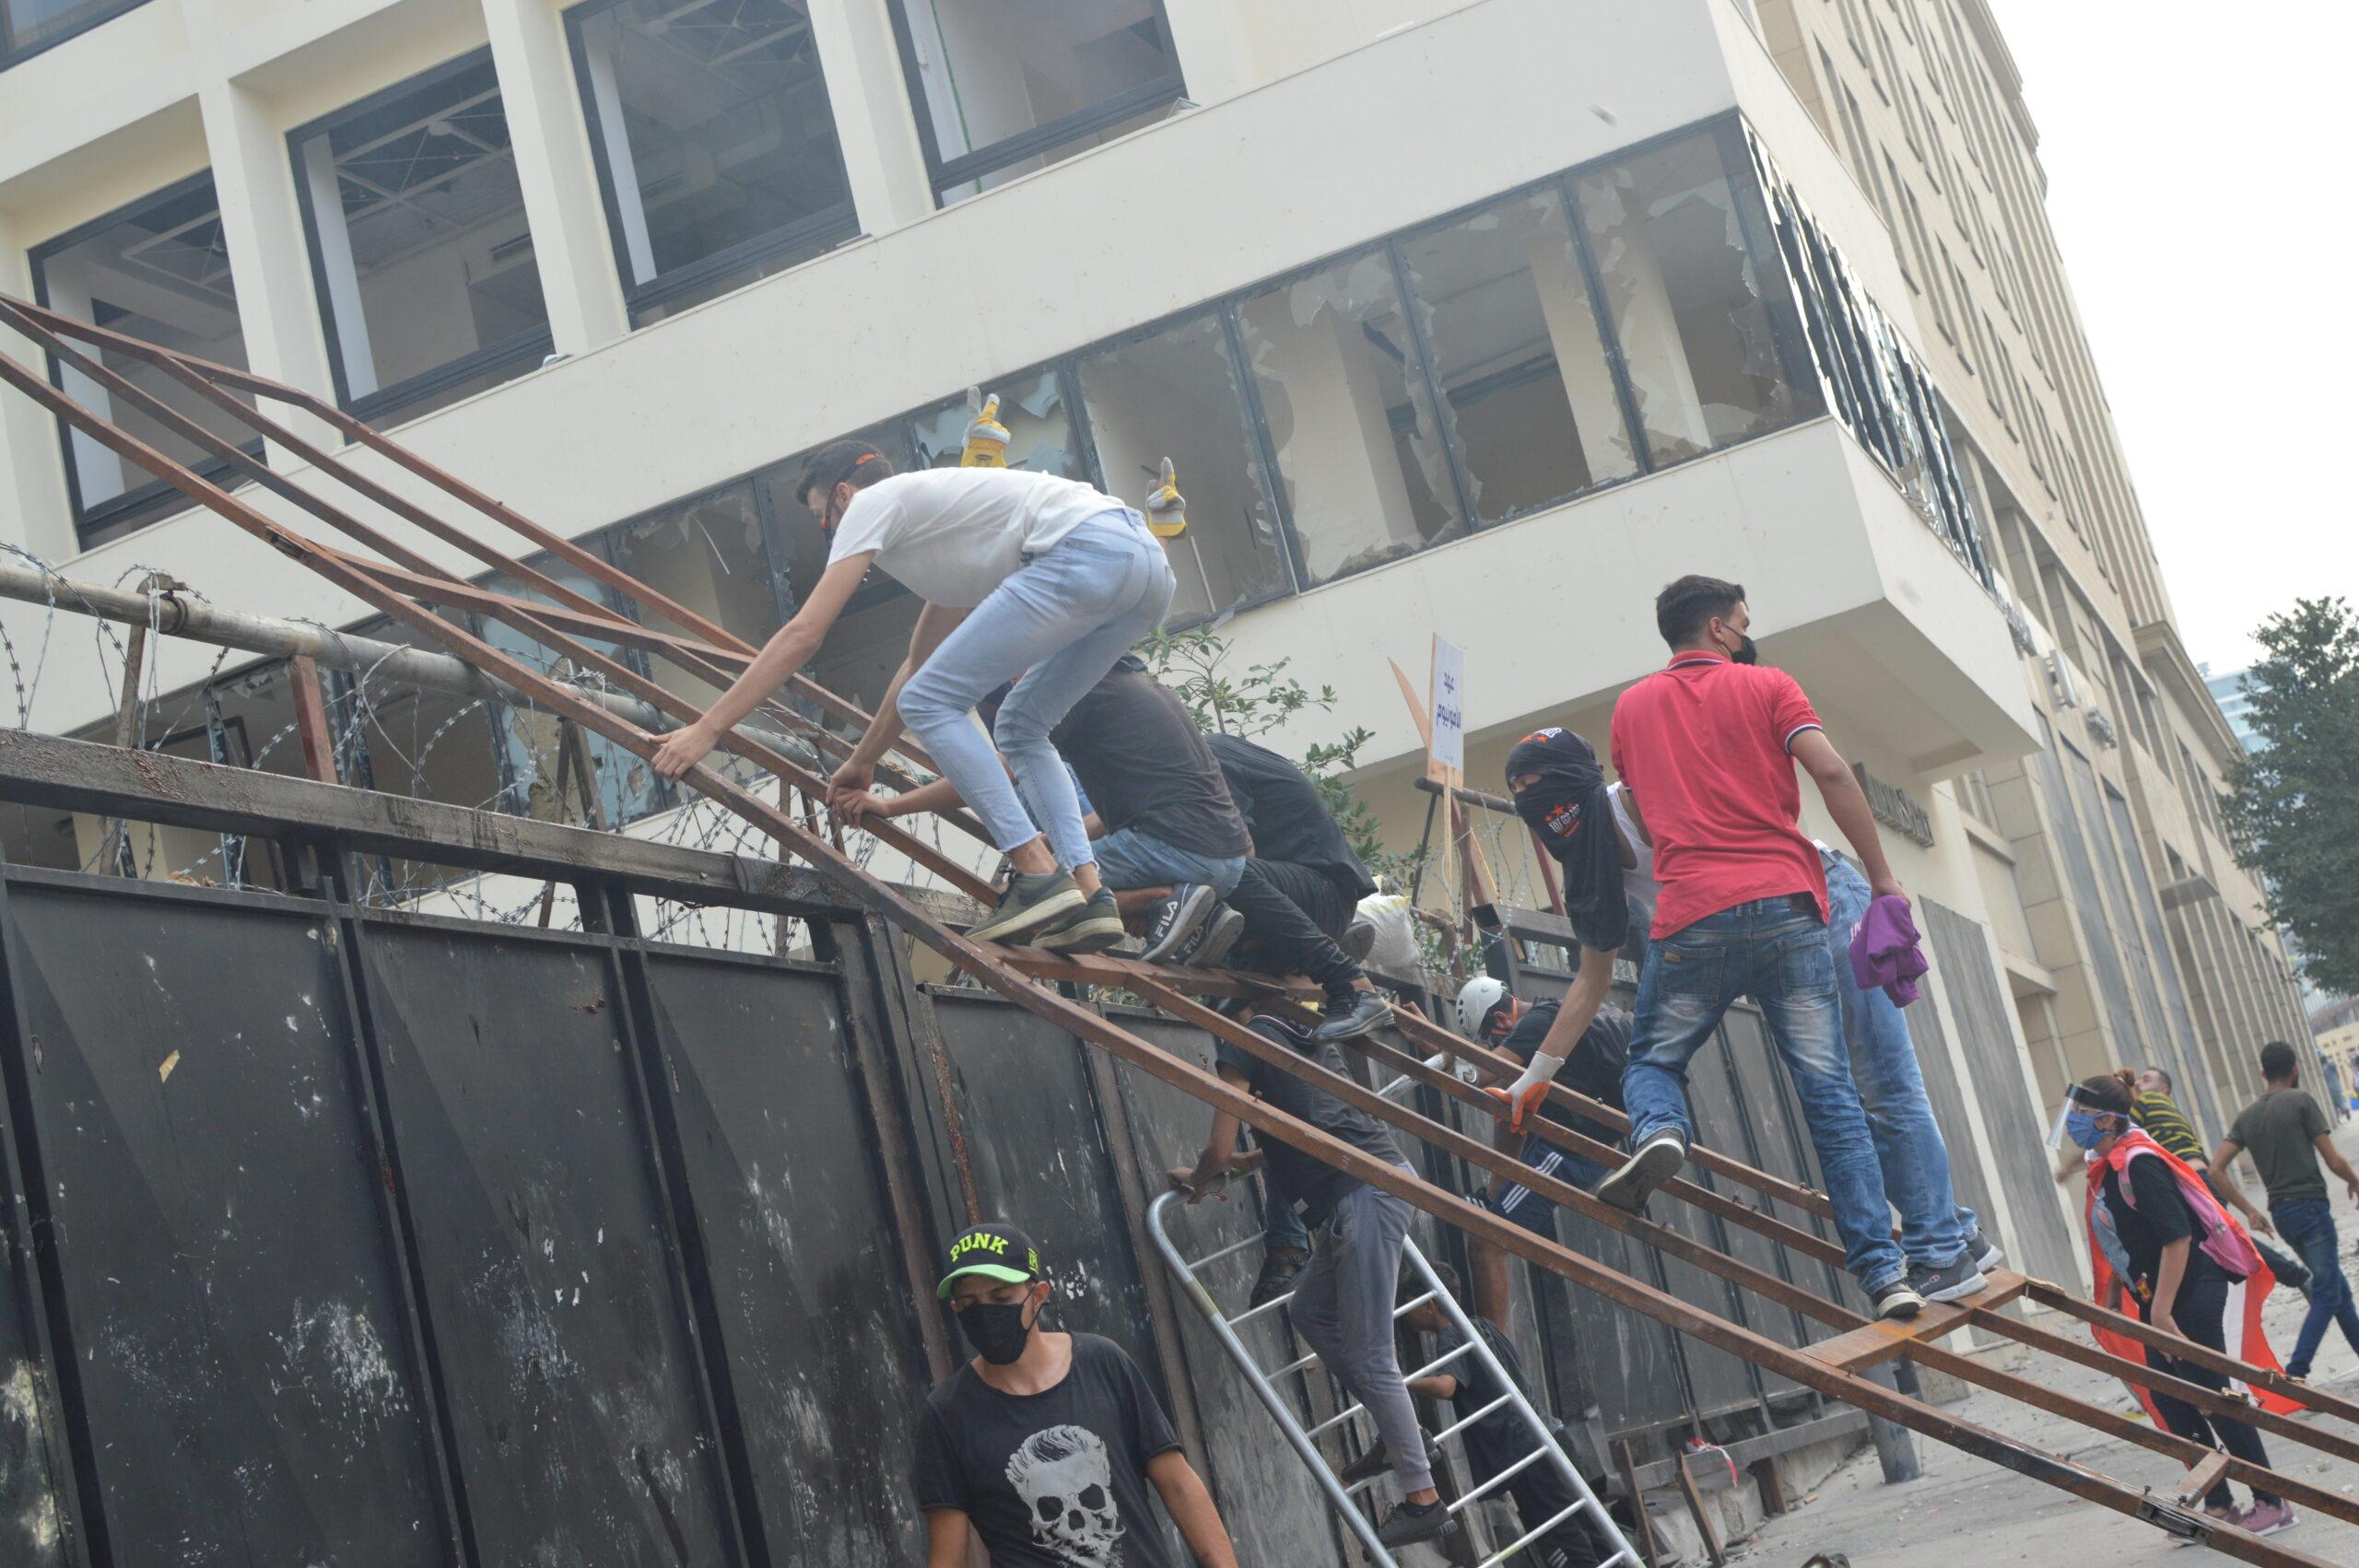 Protests of Political Corruption Erupt in Beirut